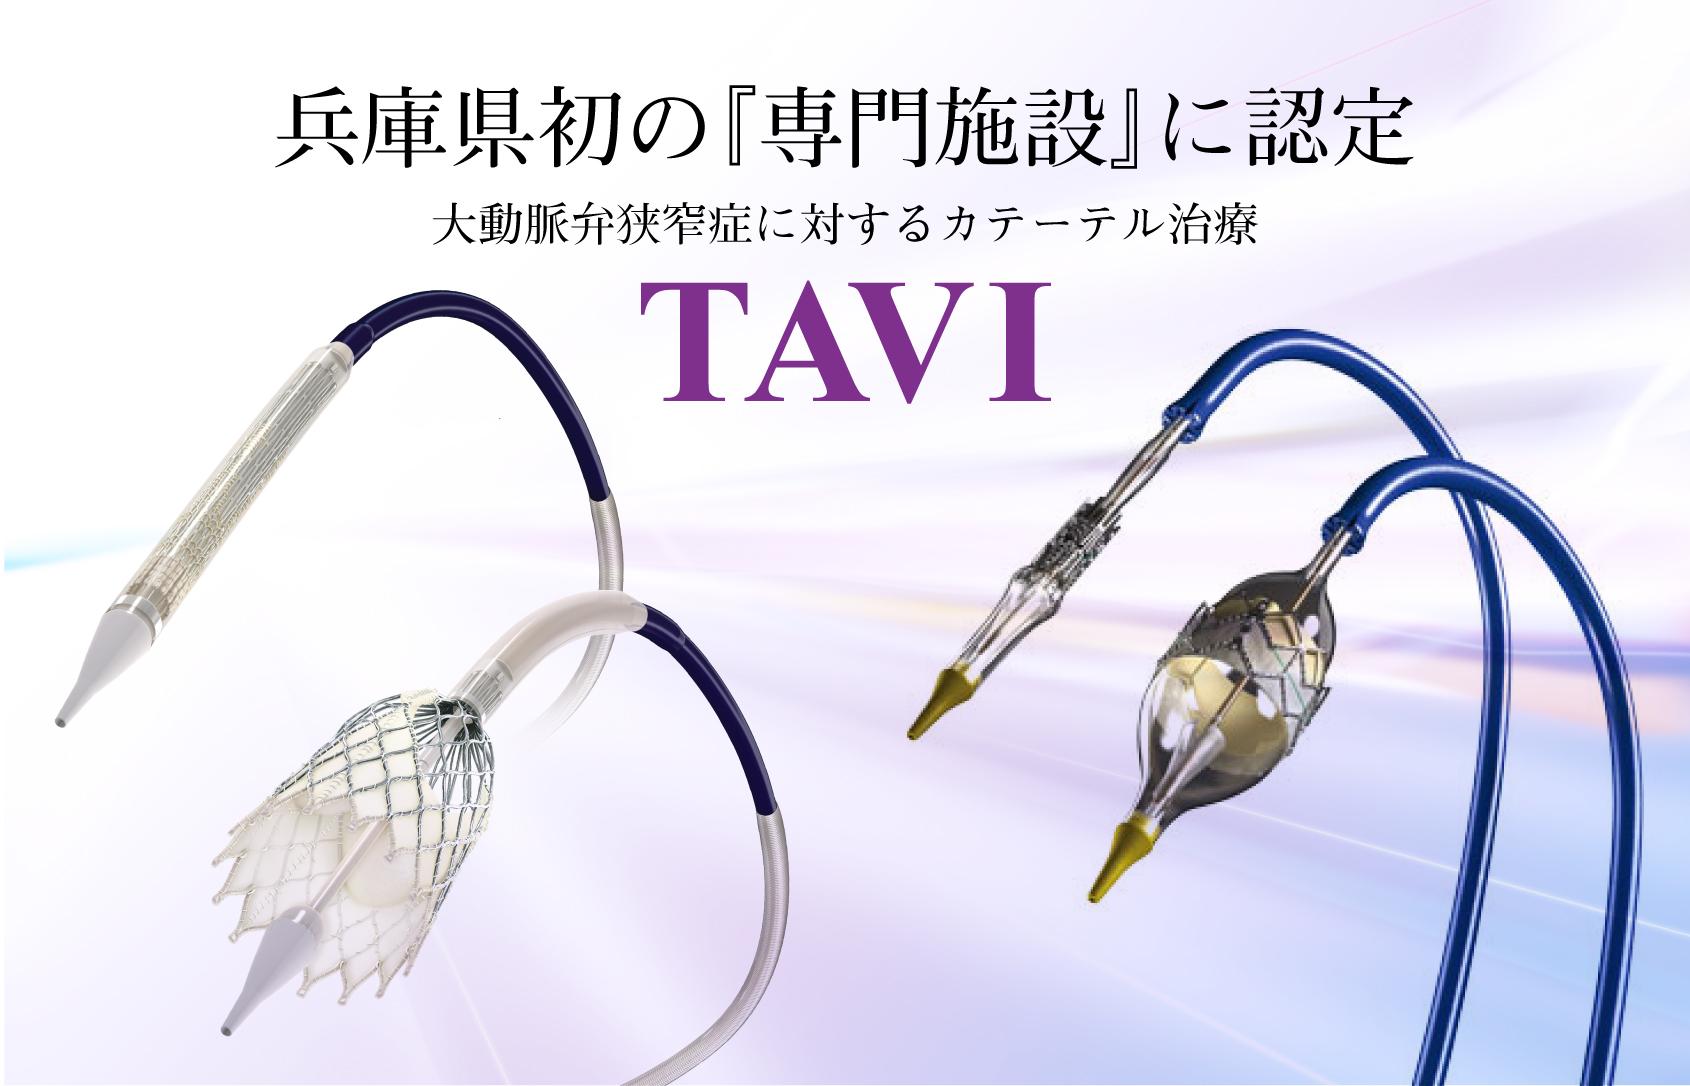 兵庫県初の『専門施設』に認定 大動脈弁狭窄症に対するカテーテル治療 TAVI